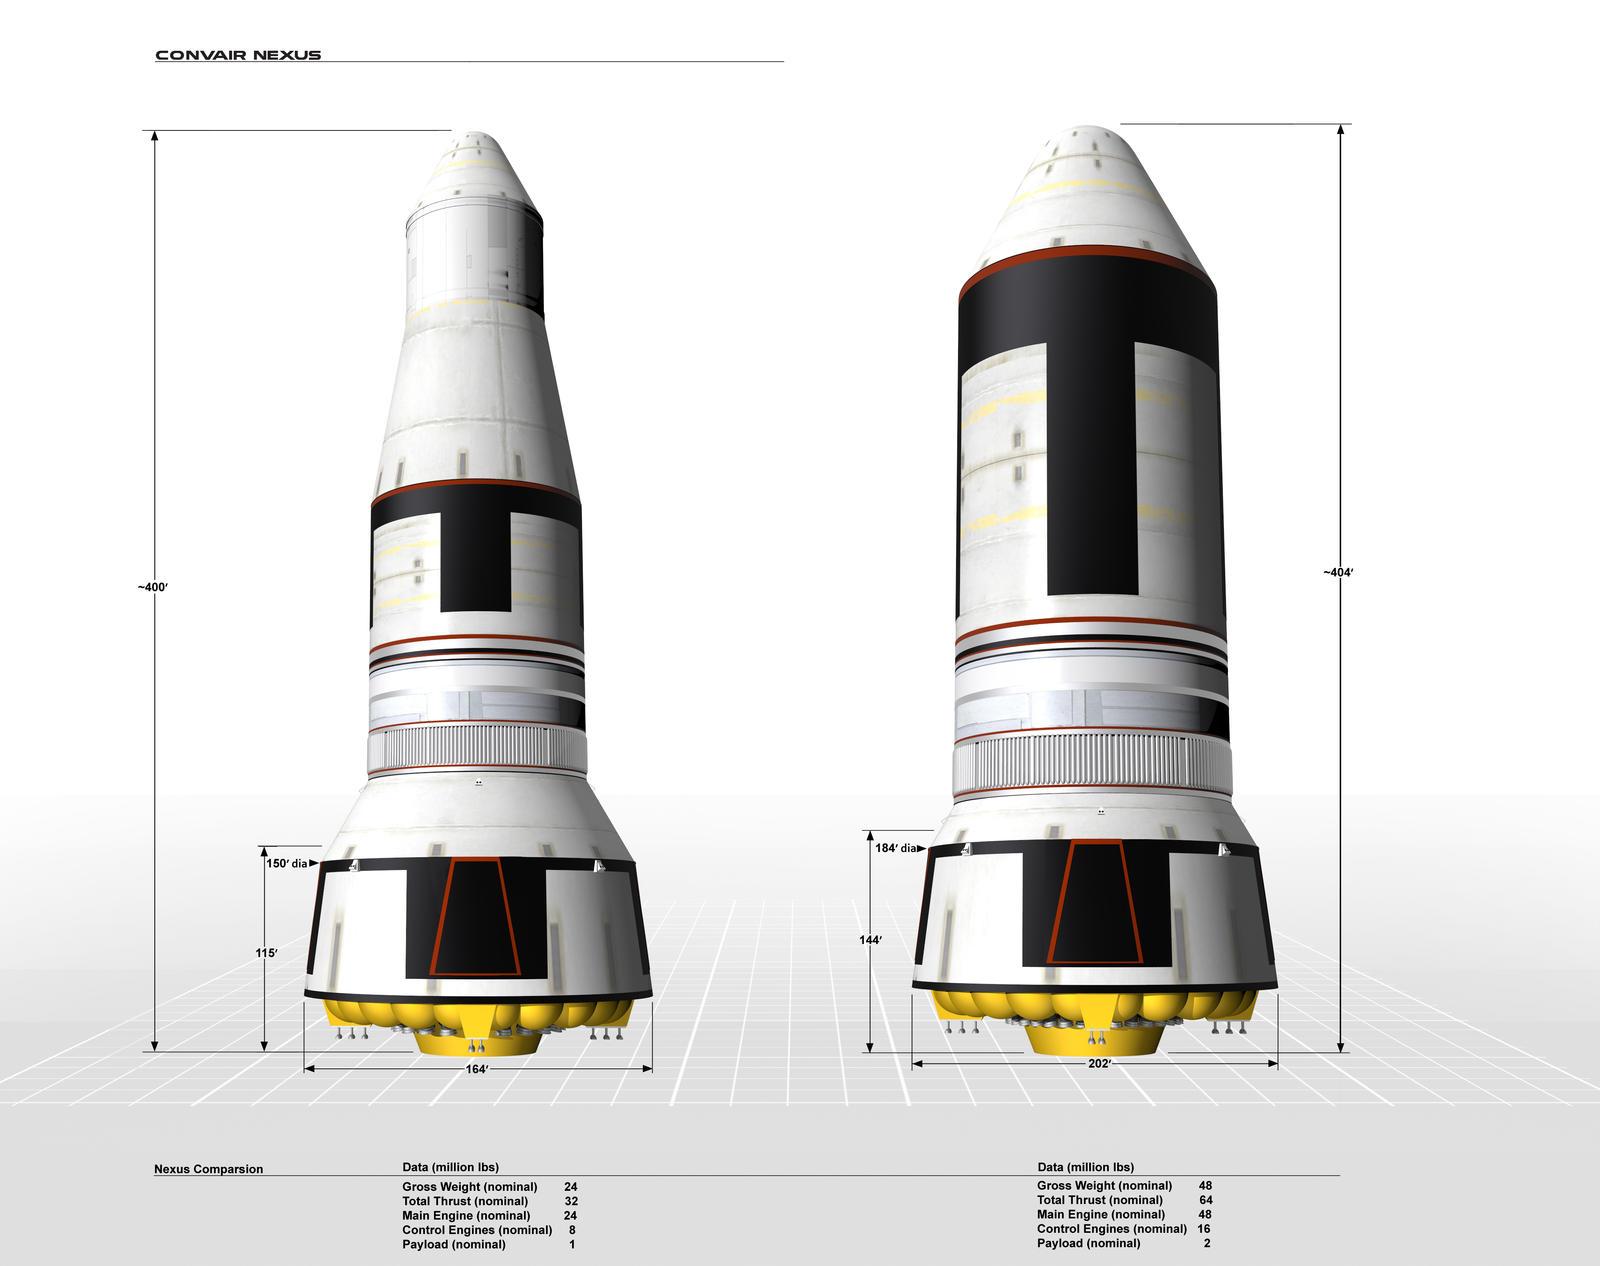 Nexus Ssto Booster Comparison By William Black On Deviantart